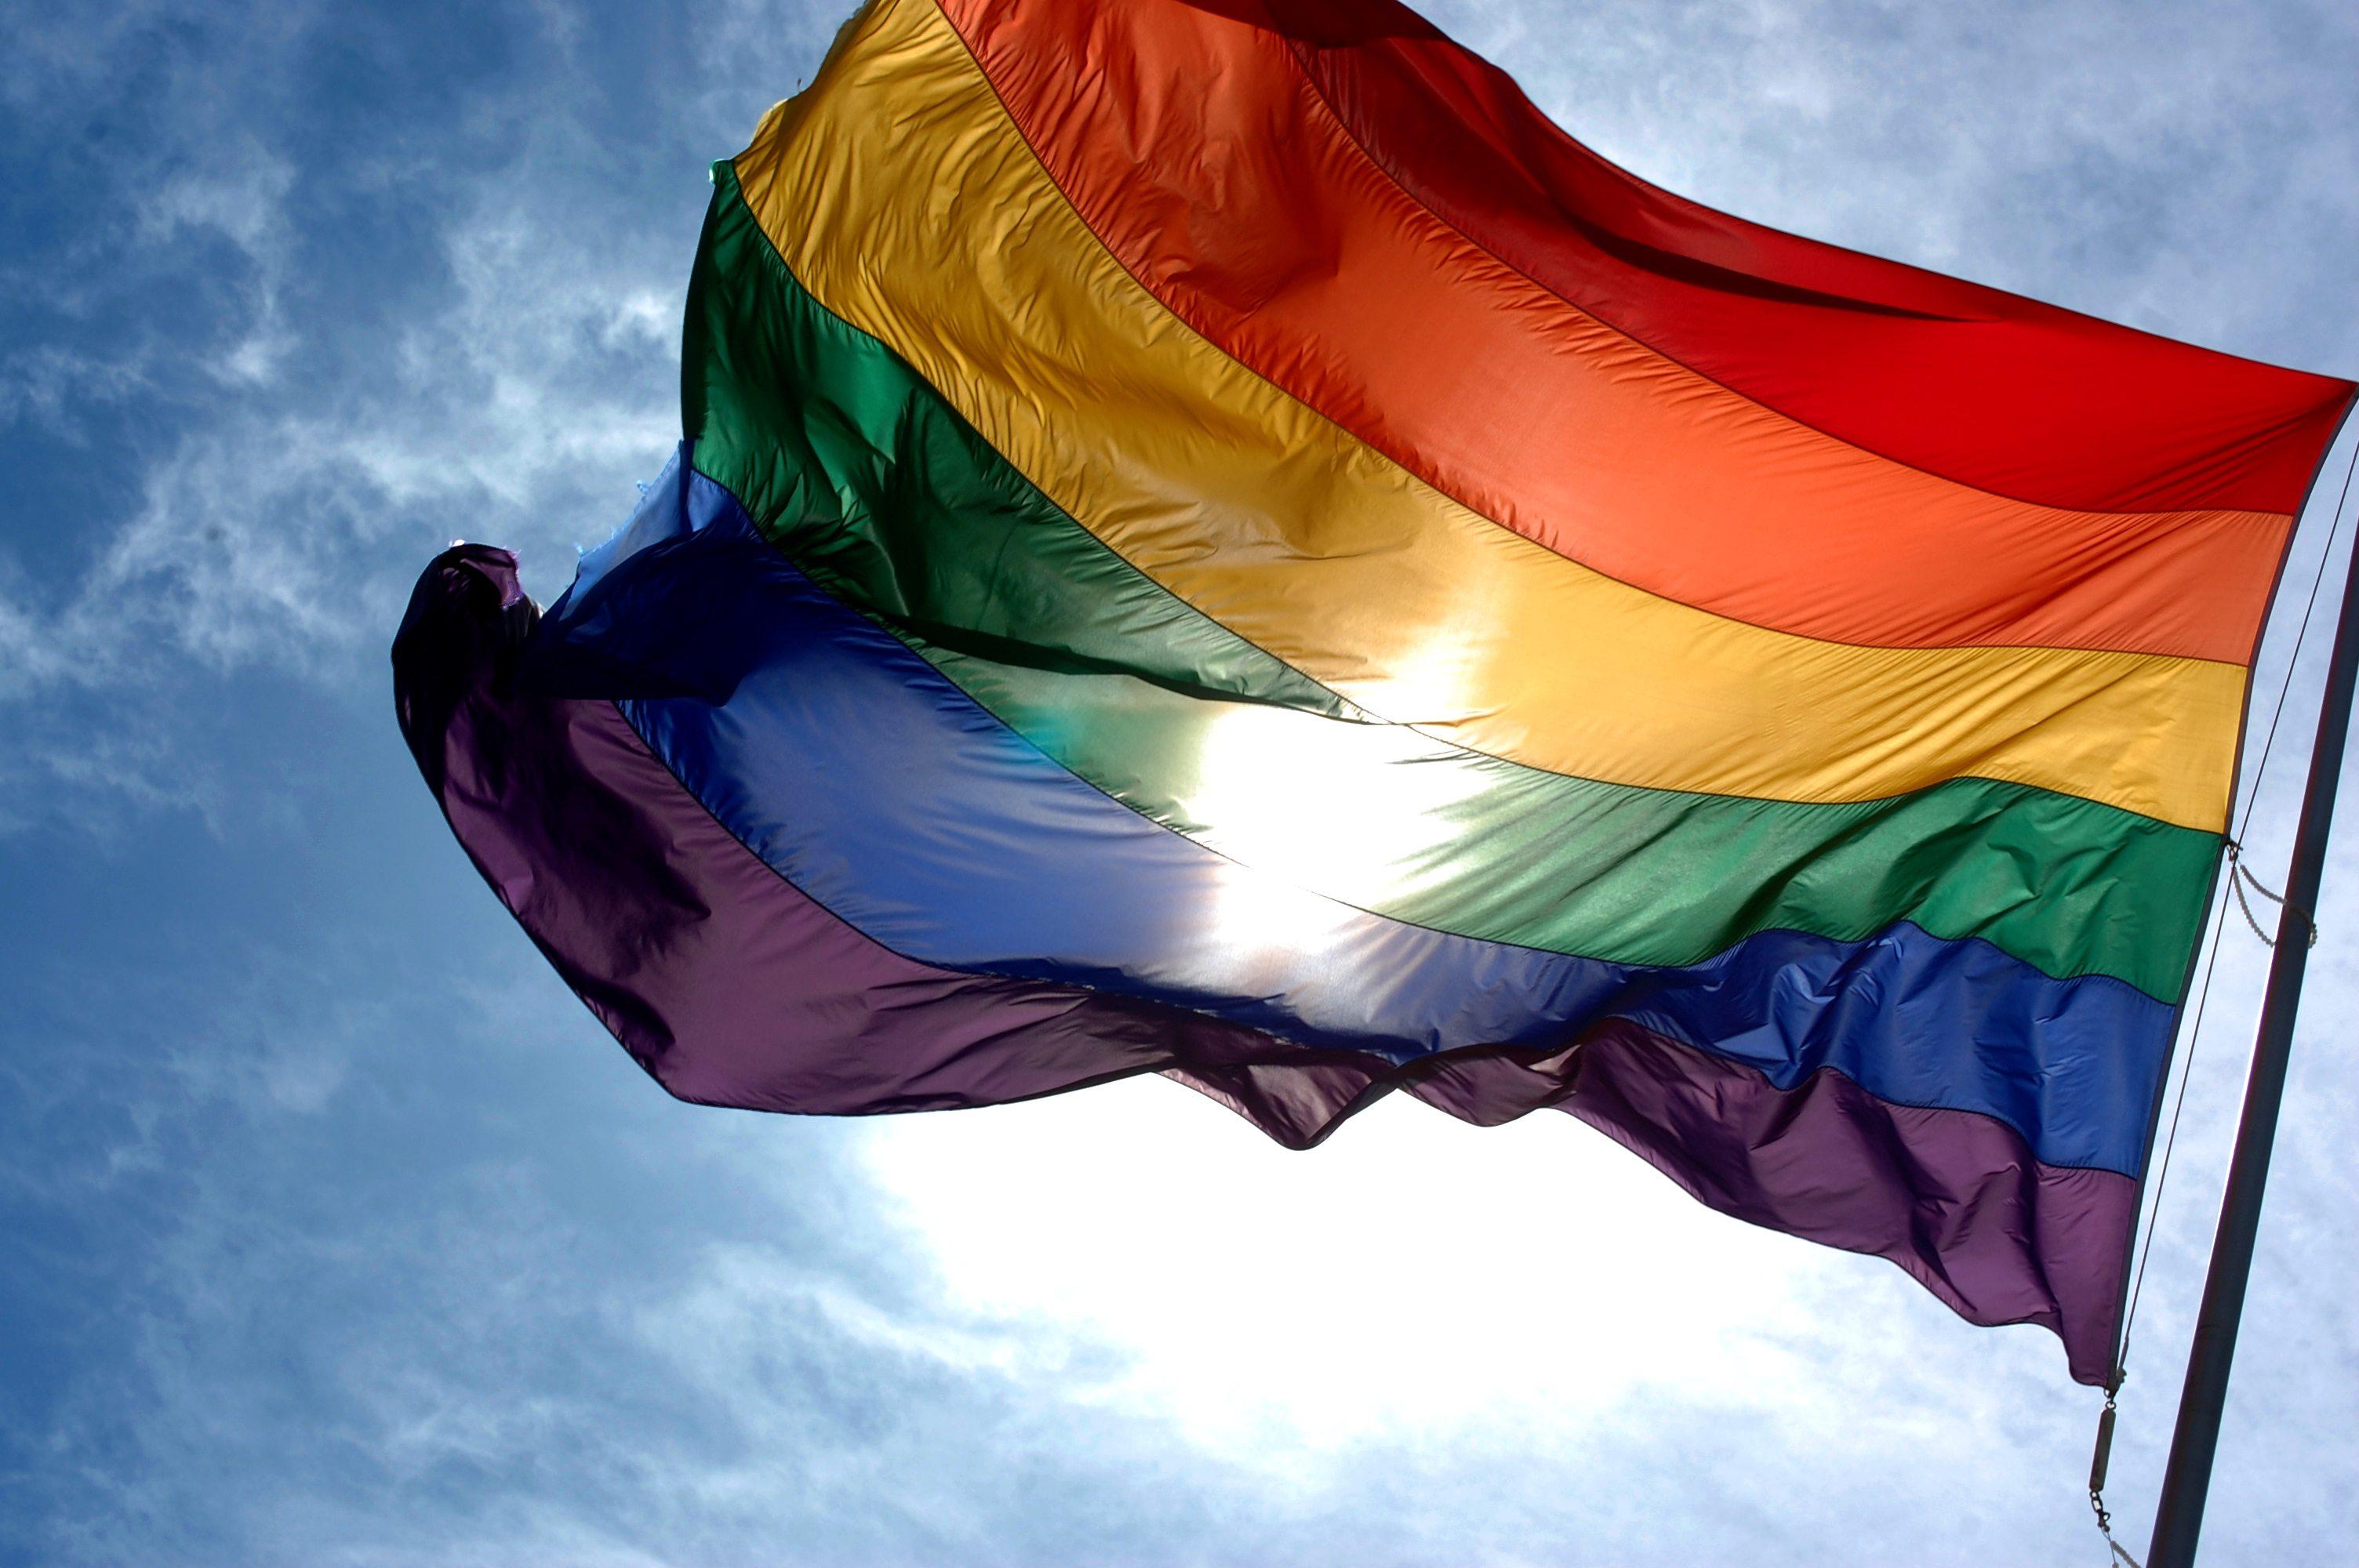 Personajes LGBT, al alza en TV de Estados Unidos pese a Trump